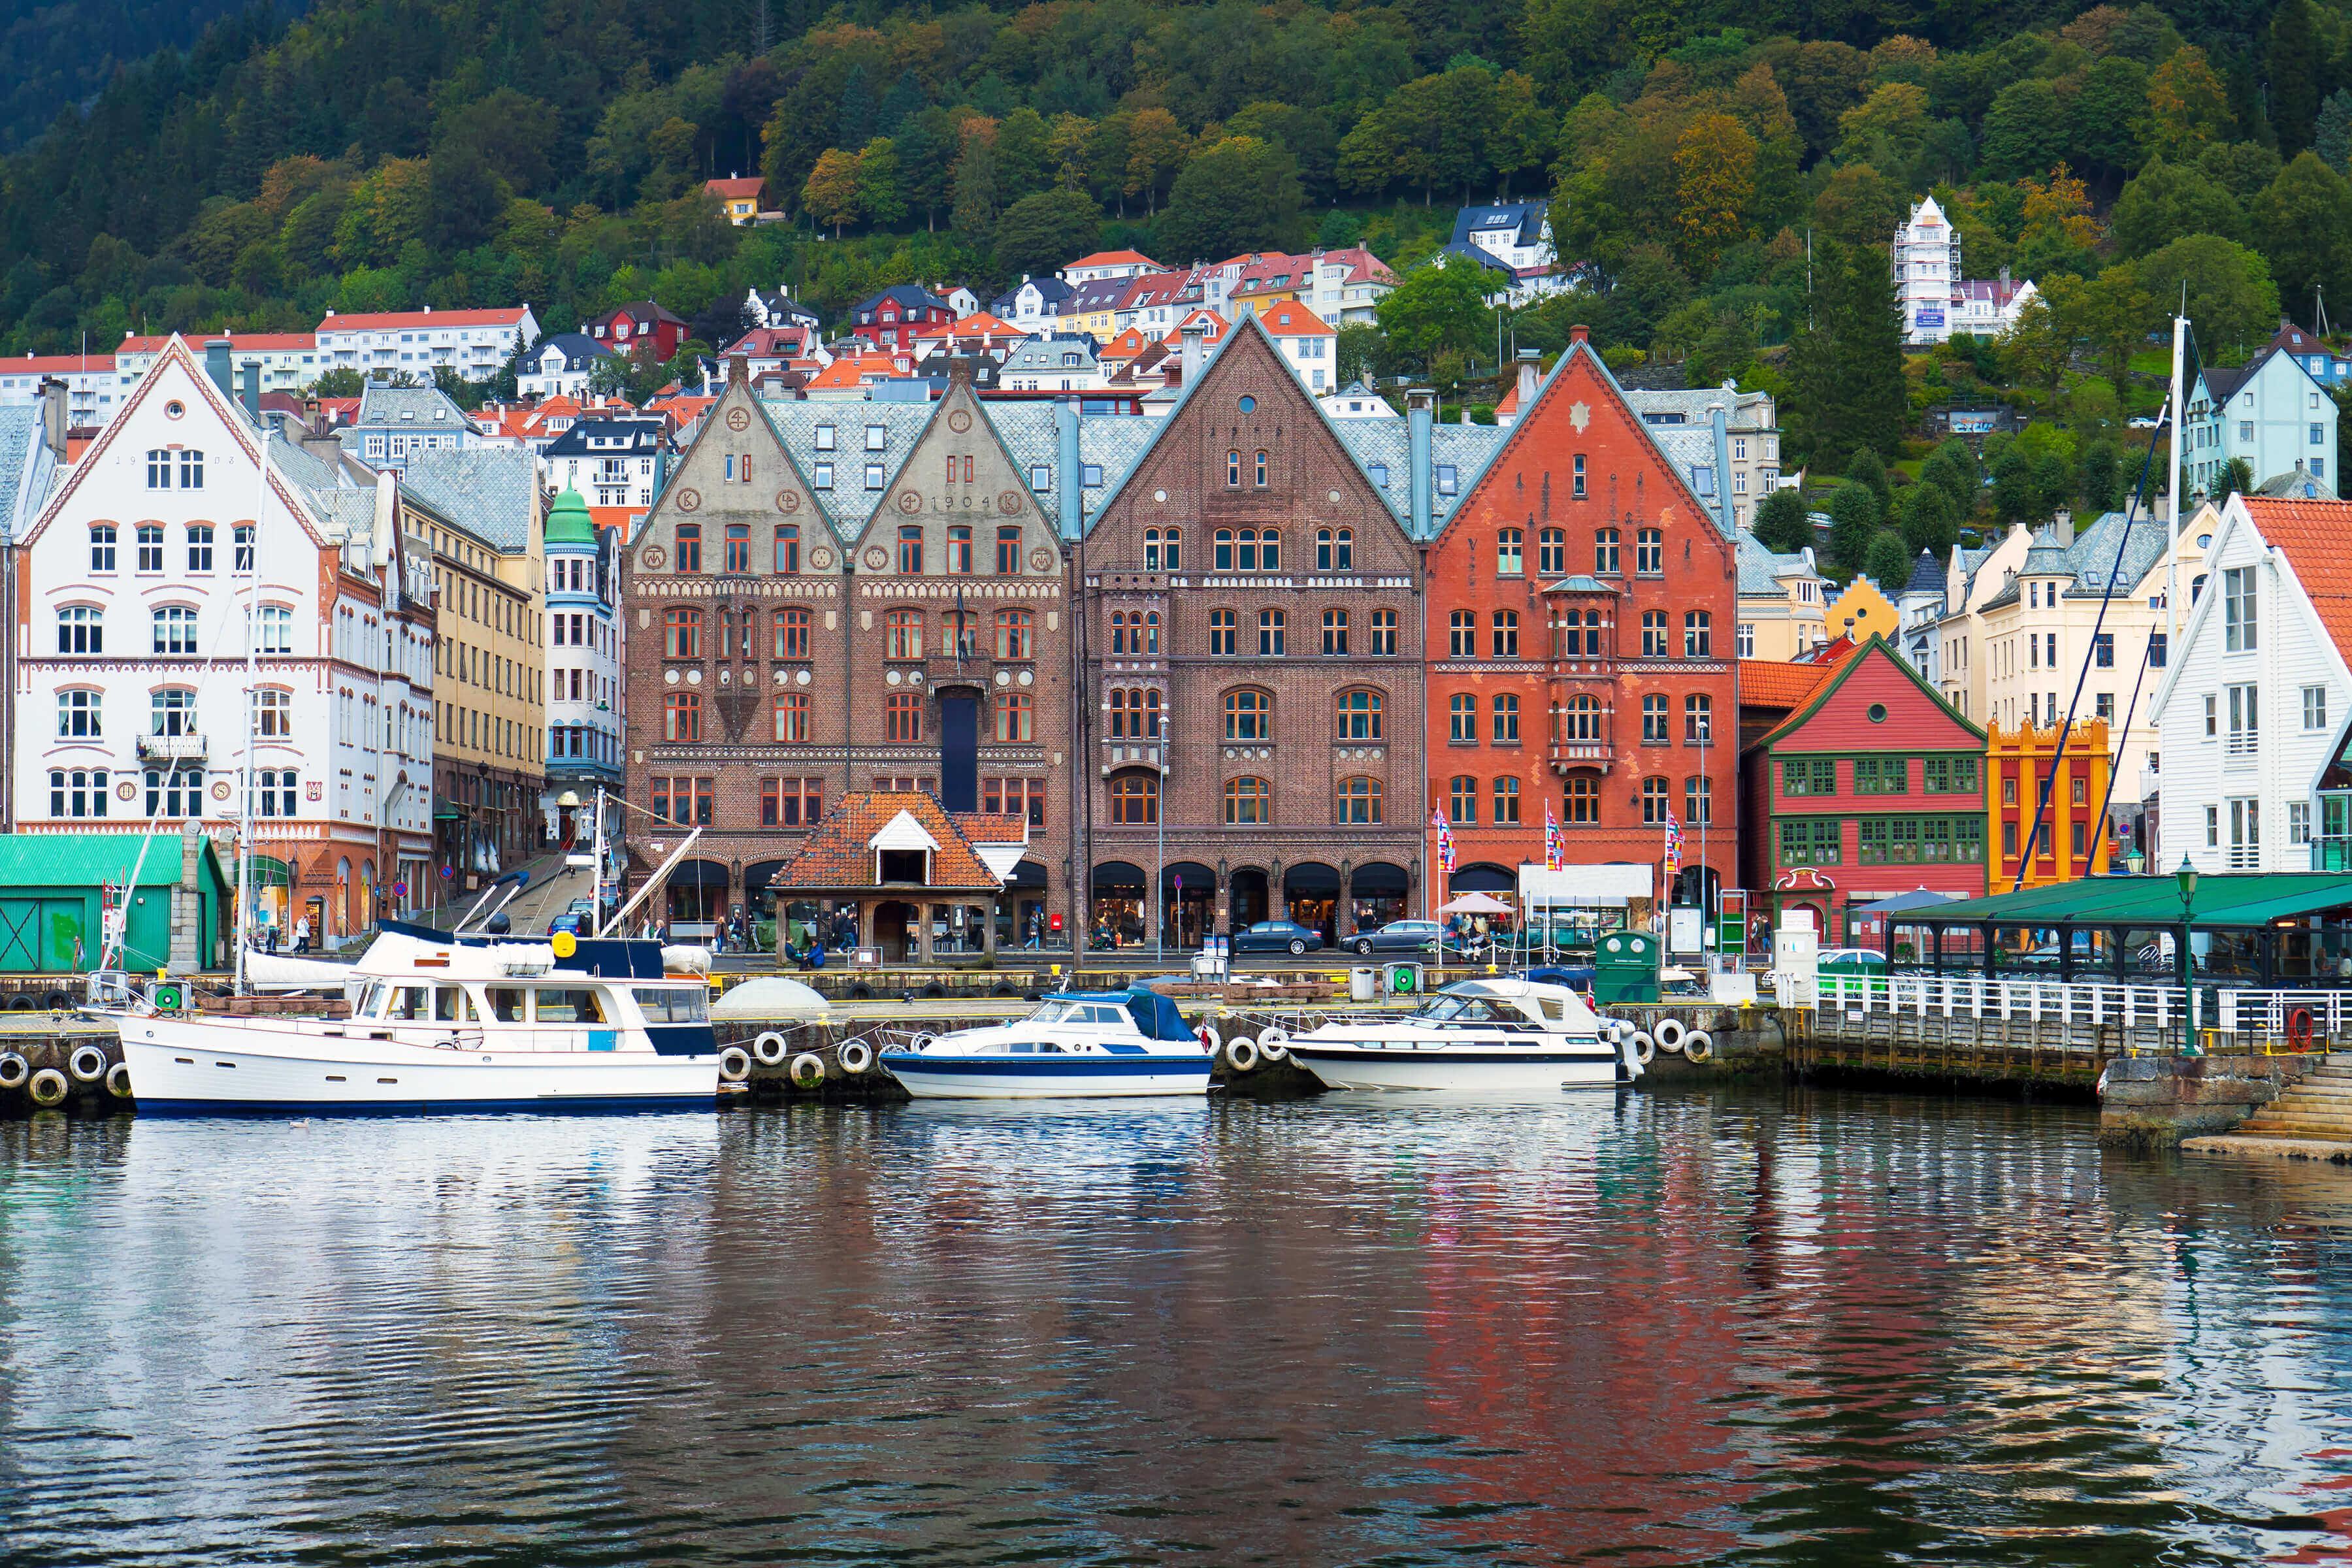 6 טיול מאורגן 8 ימים לנורבגיה והפיורדים - מפלסטורסטרפוסן, רכבל בסטרנדה, קניון בורדלן ועוד